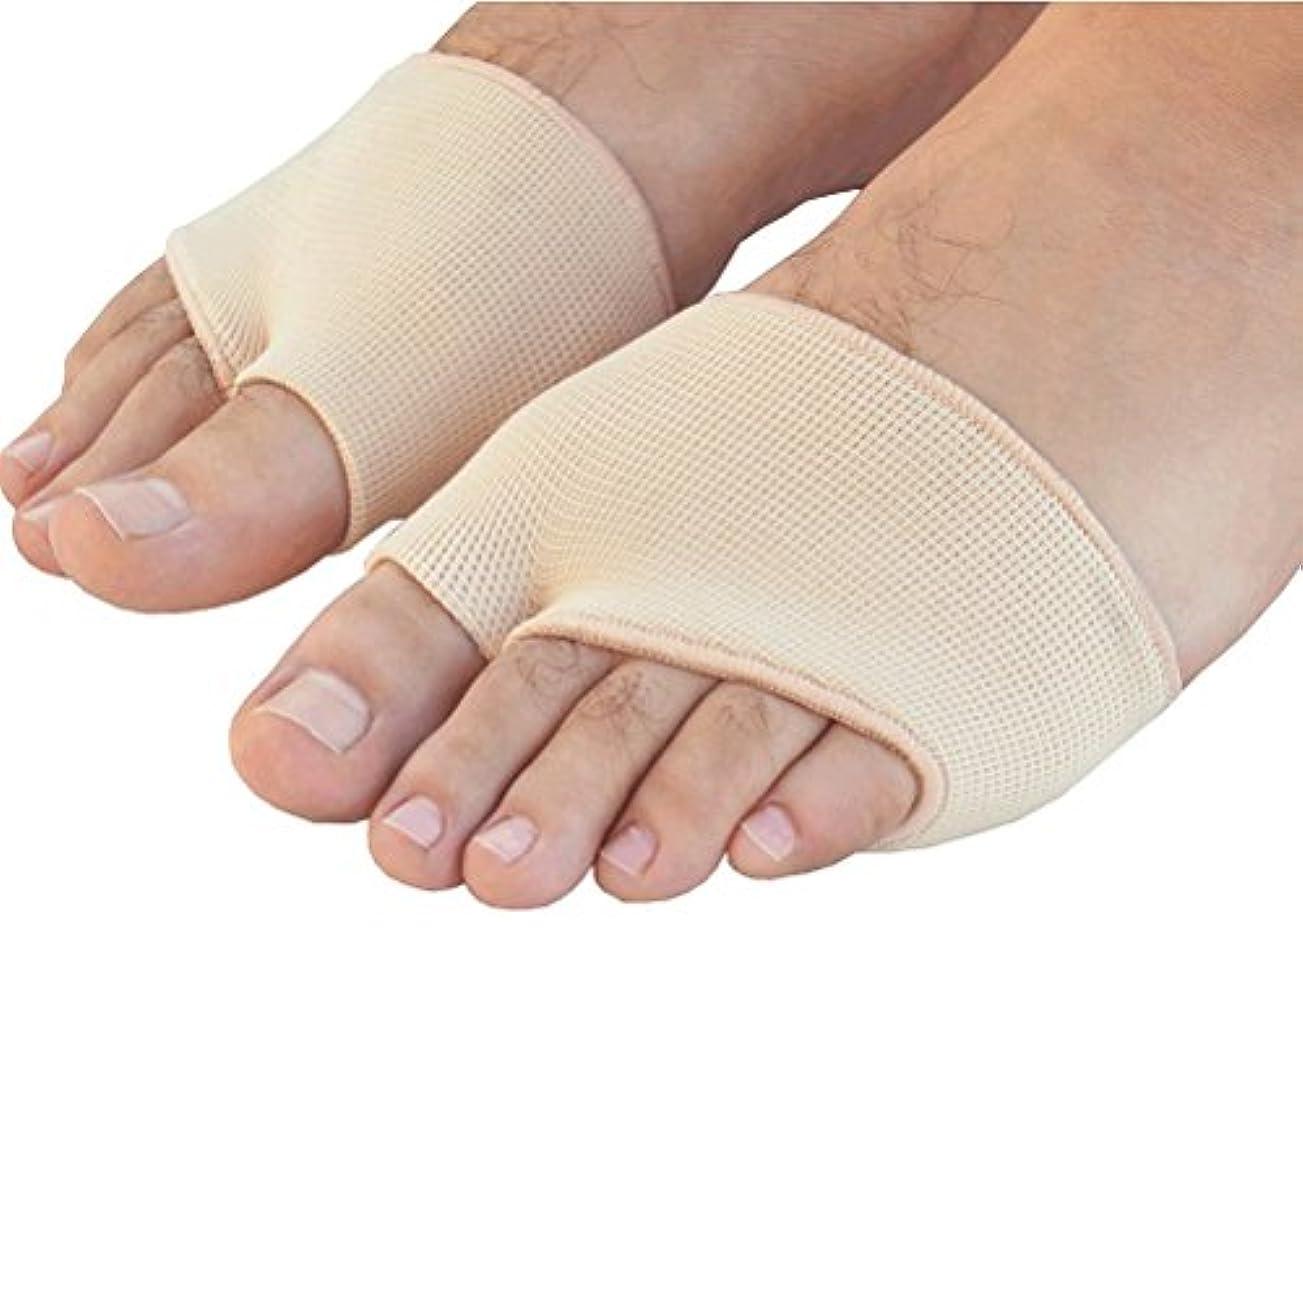 手特性冒険ROSENICE ゲル前足中足骨の痛み救済吸収クッション パッド 足底筋膜炎インソール 衝撃吸収 サイズS(肌の色)